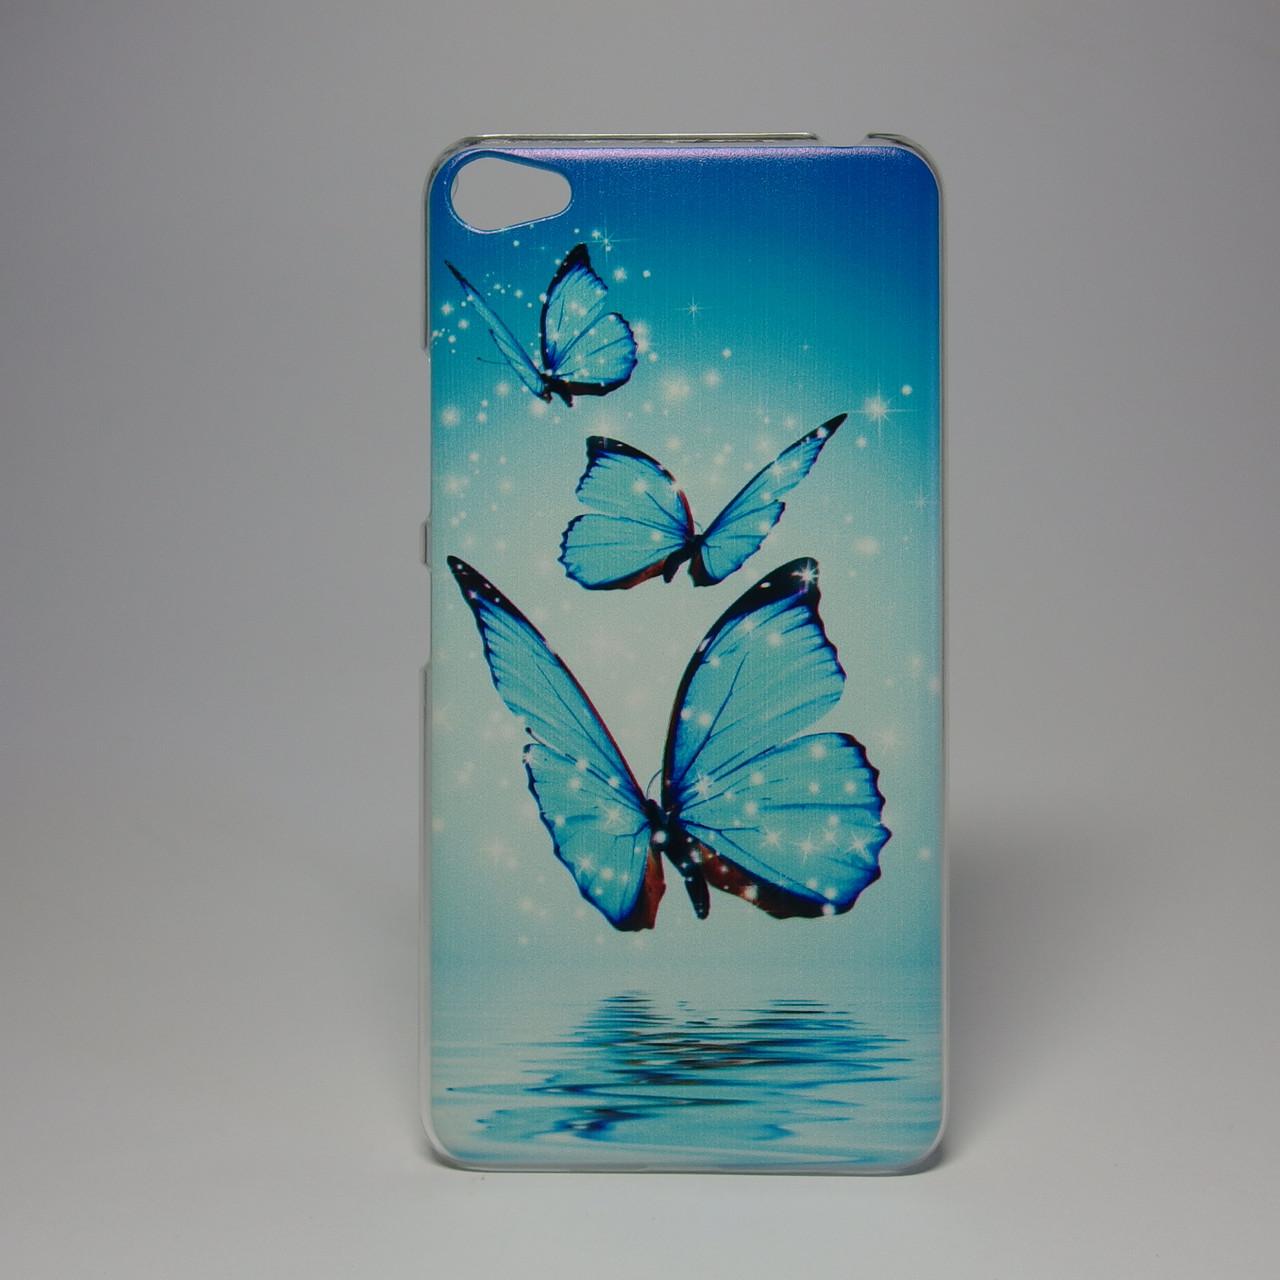 Чехол для lenovo s60 панель накладка с рисунком бабочки